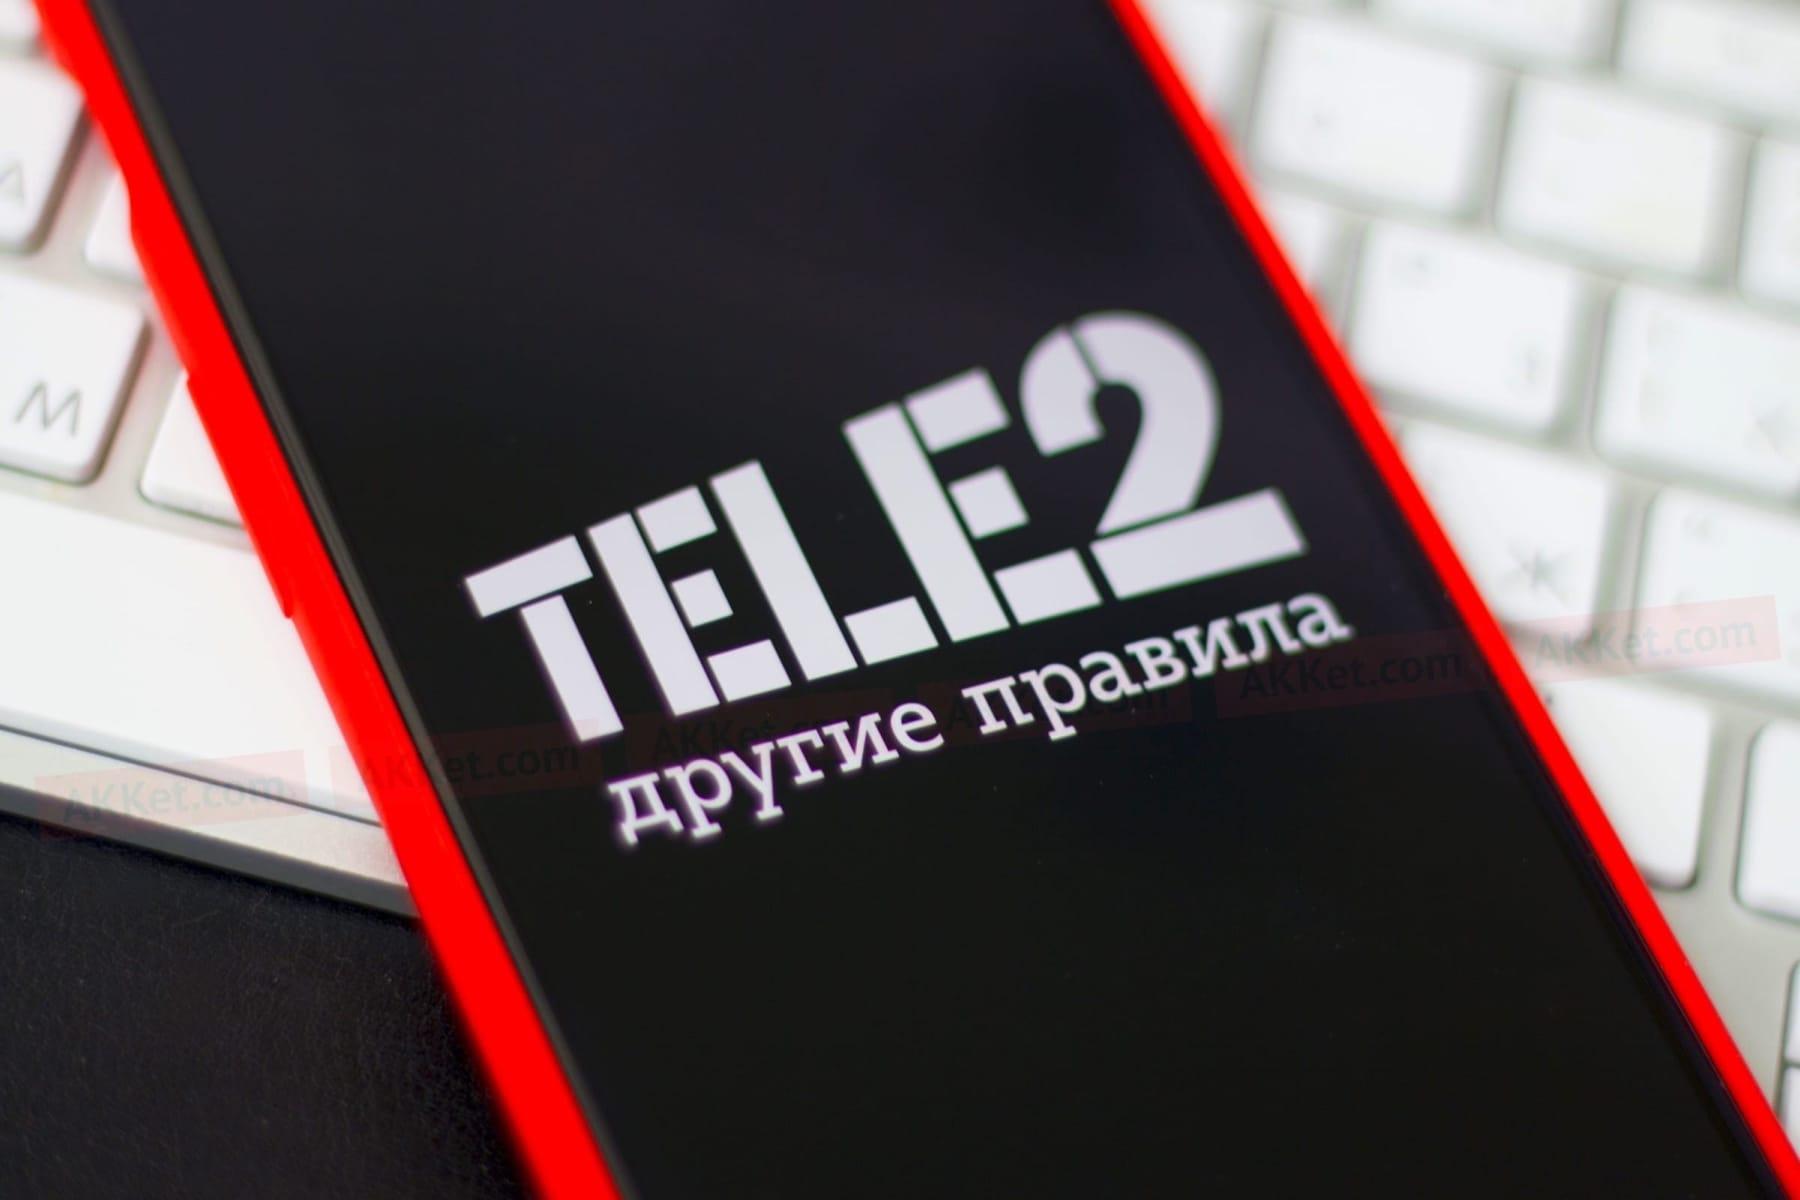 Сотовый оператор Tele2 запустил новый самый выгодный тарифный план